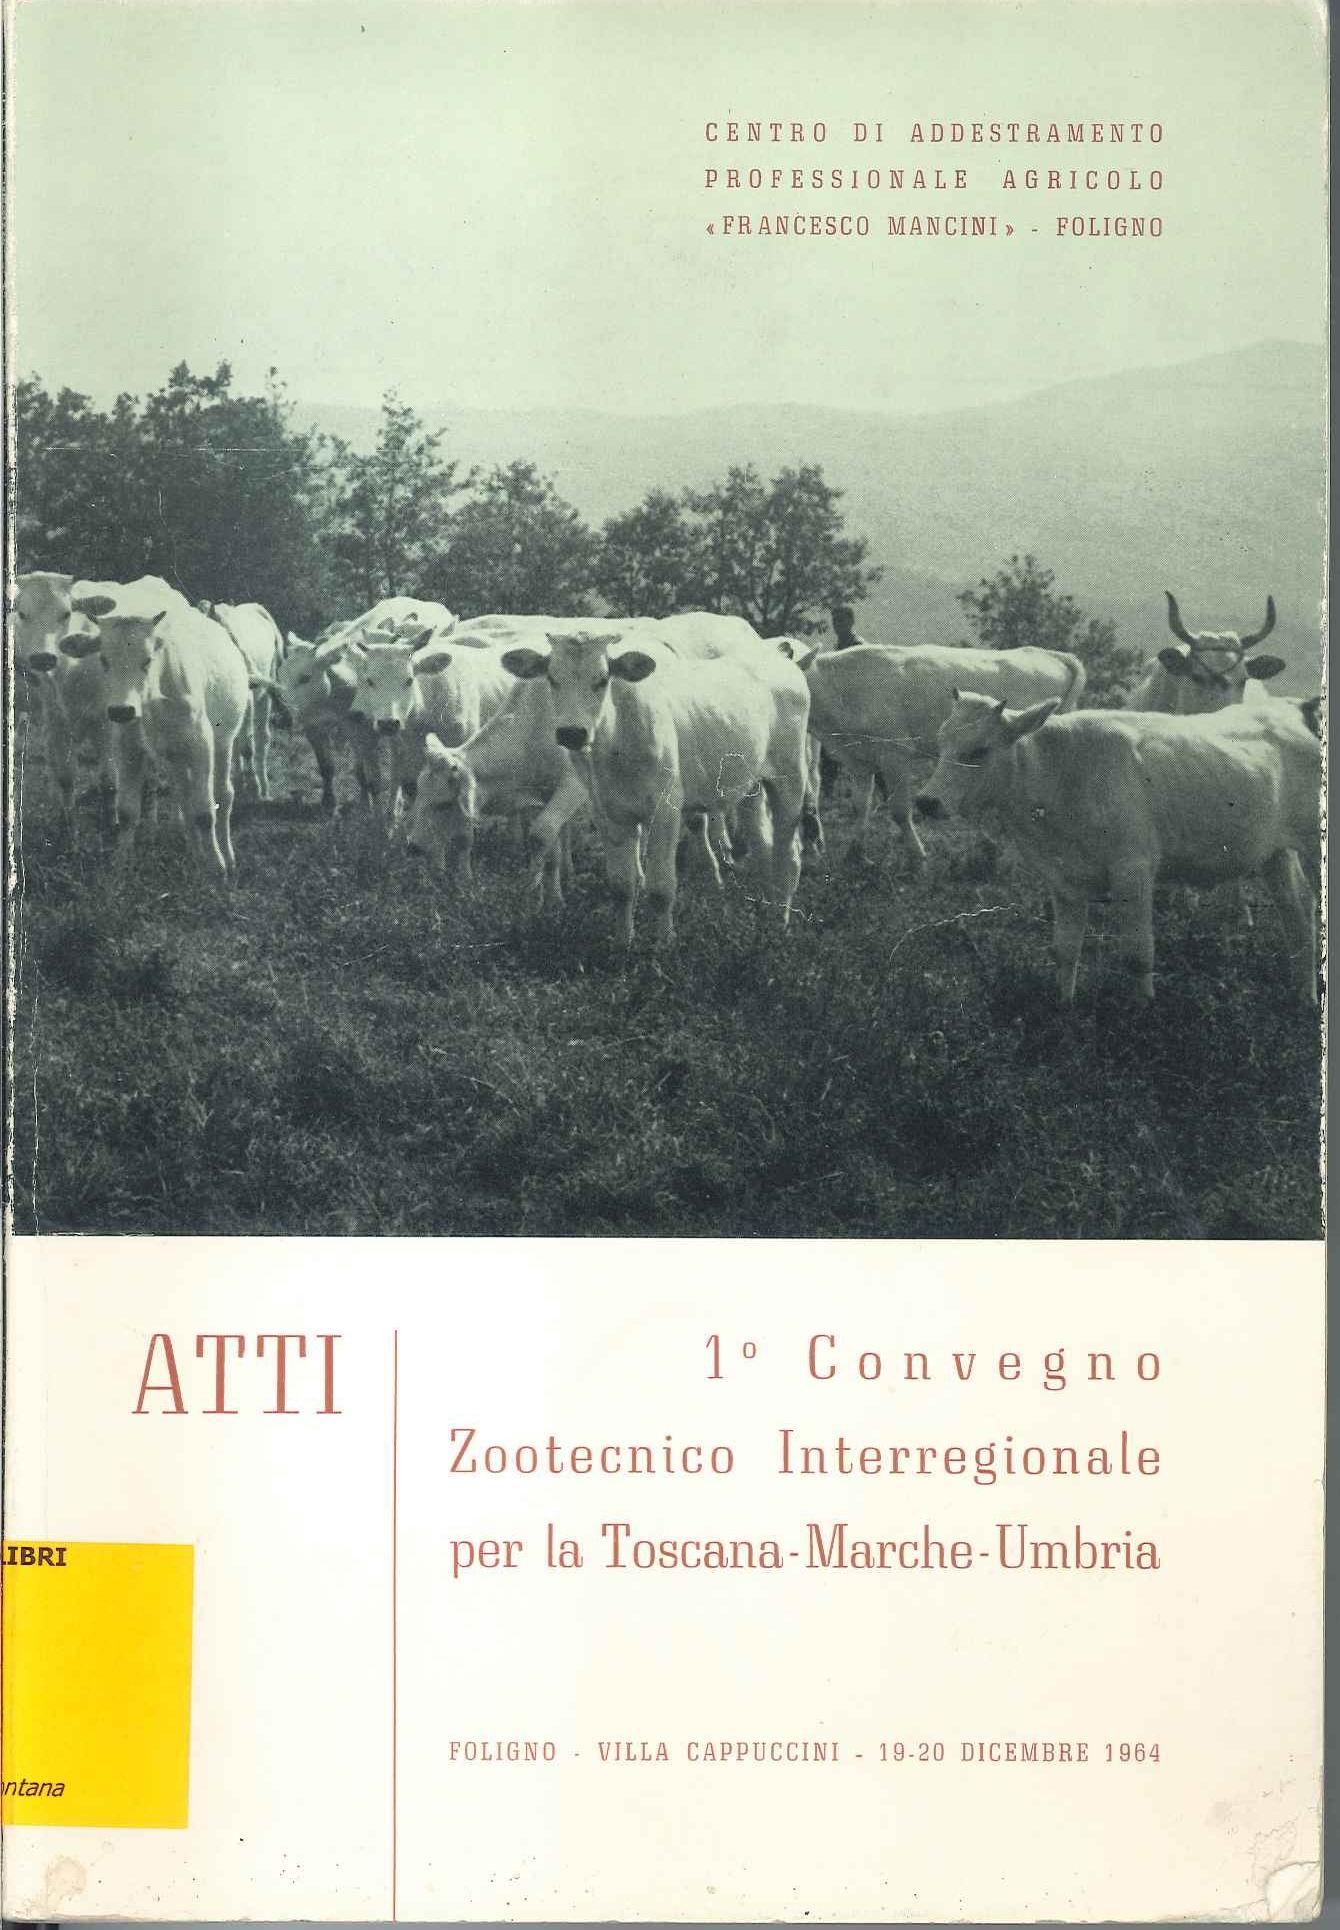 Atti del 1° Convegno zootecnico interregionale per la Toscana, Marche, Umbria